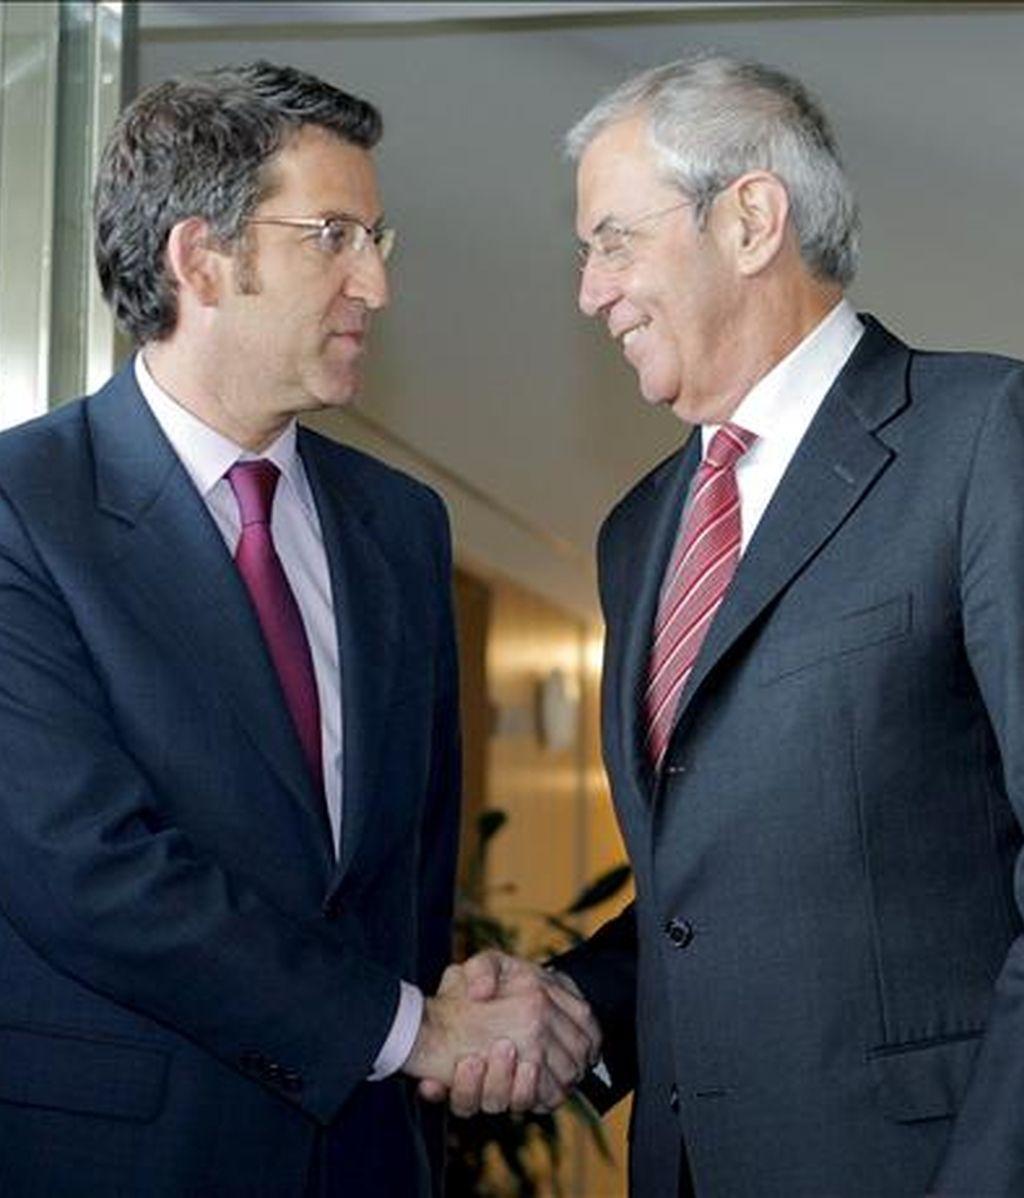 El presidente de la Xunta en funciones, Emilio Pérez Touriño (dcha), y el presidente electo, Alberto Núñez Feijoo, se saludan a la entrada de la residencia oficial de Monte Pío, al inicio de la reunión que mantuvieron para analizar el traspaso de poderes. EFE